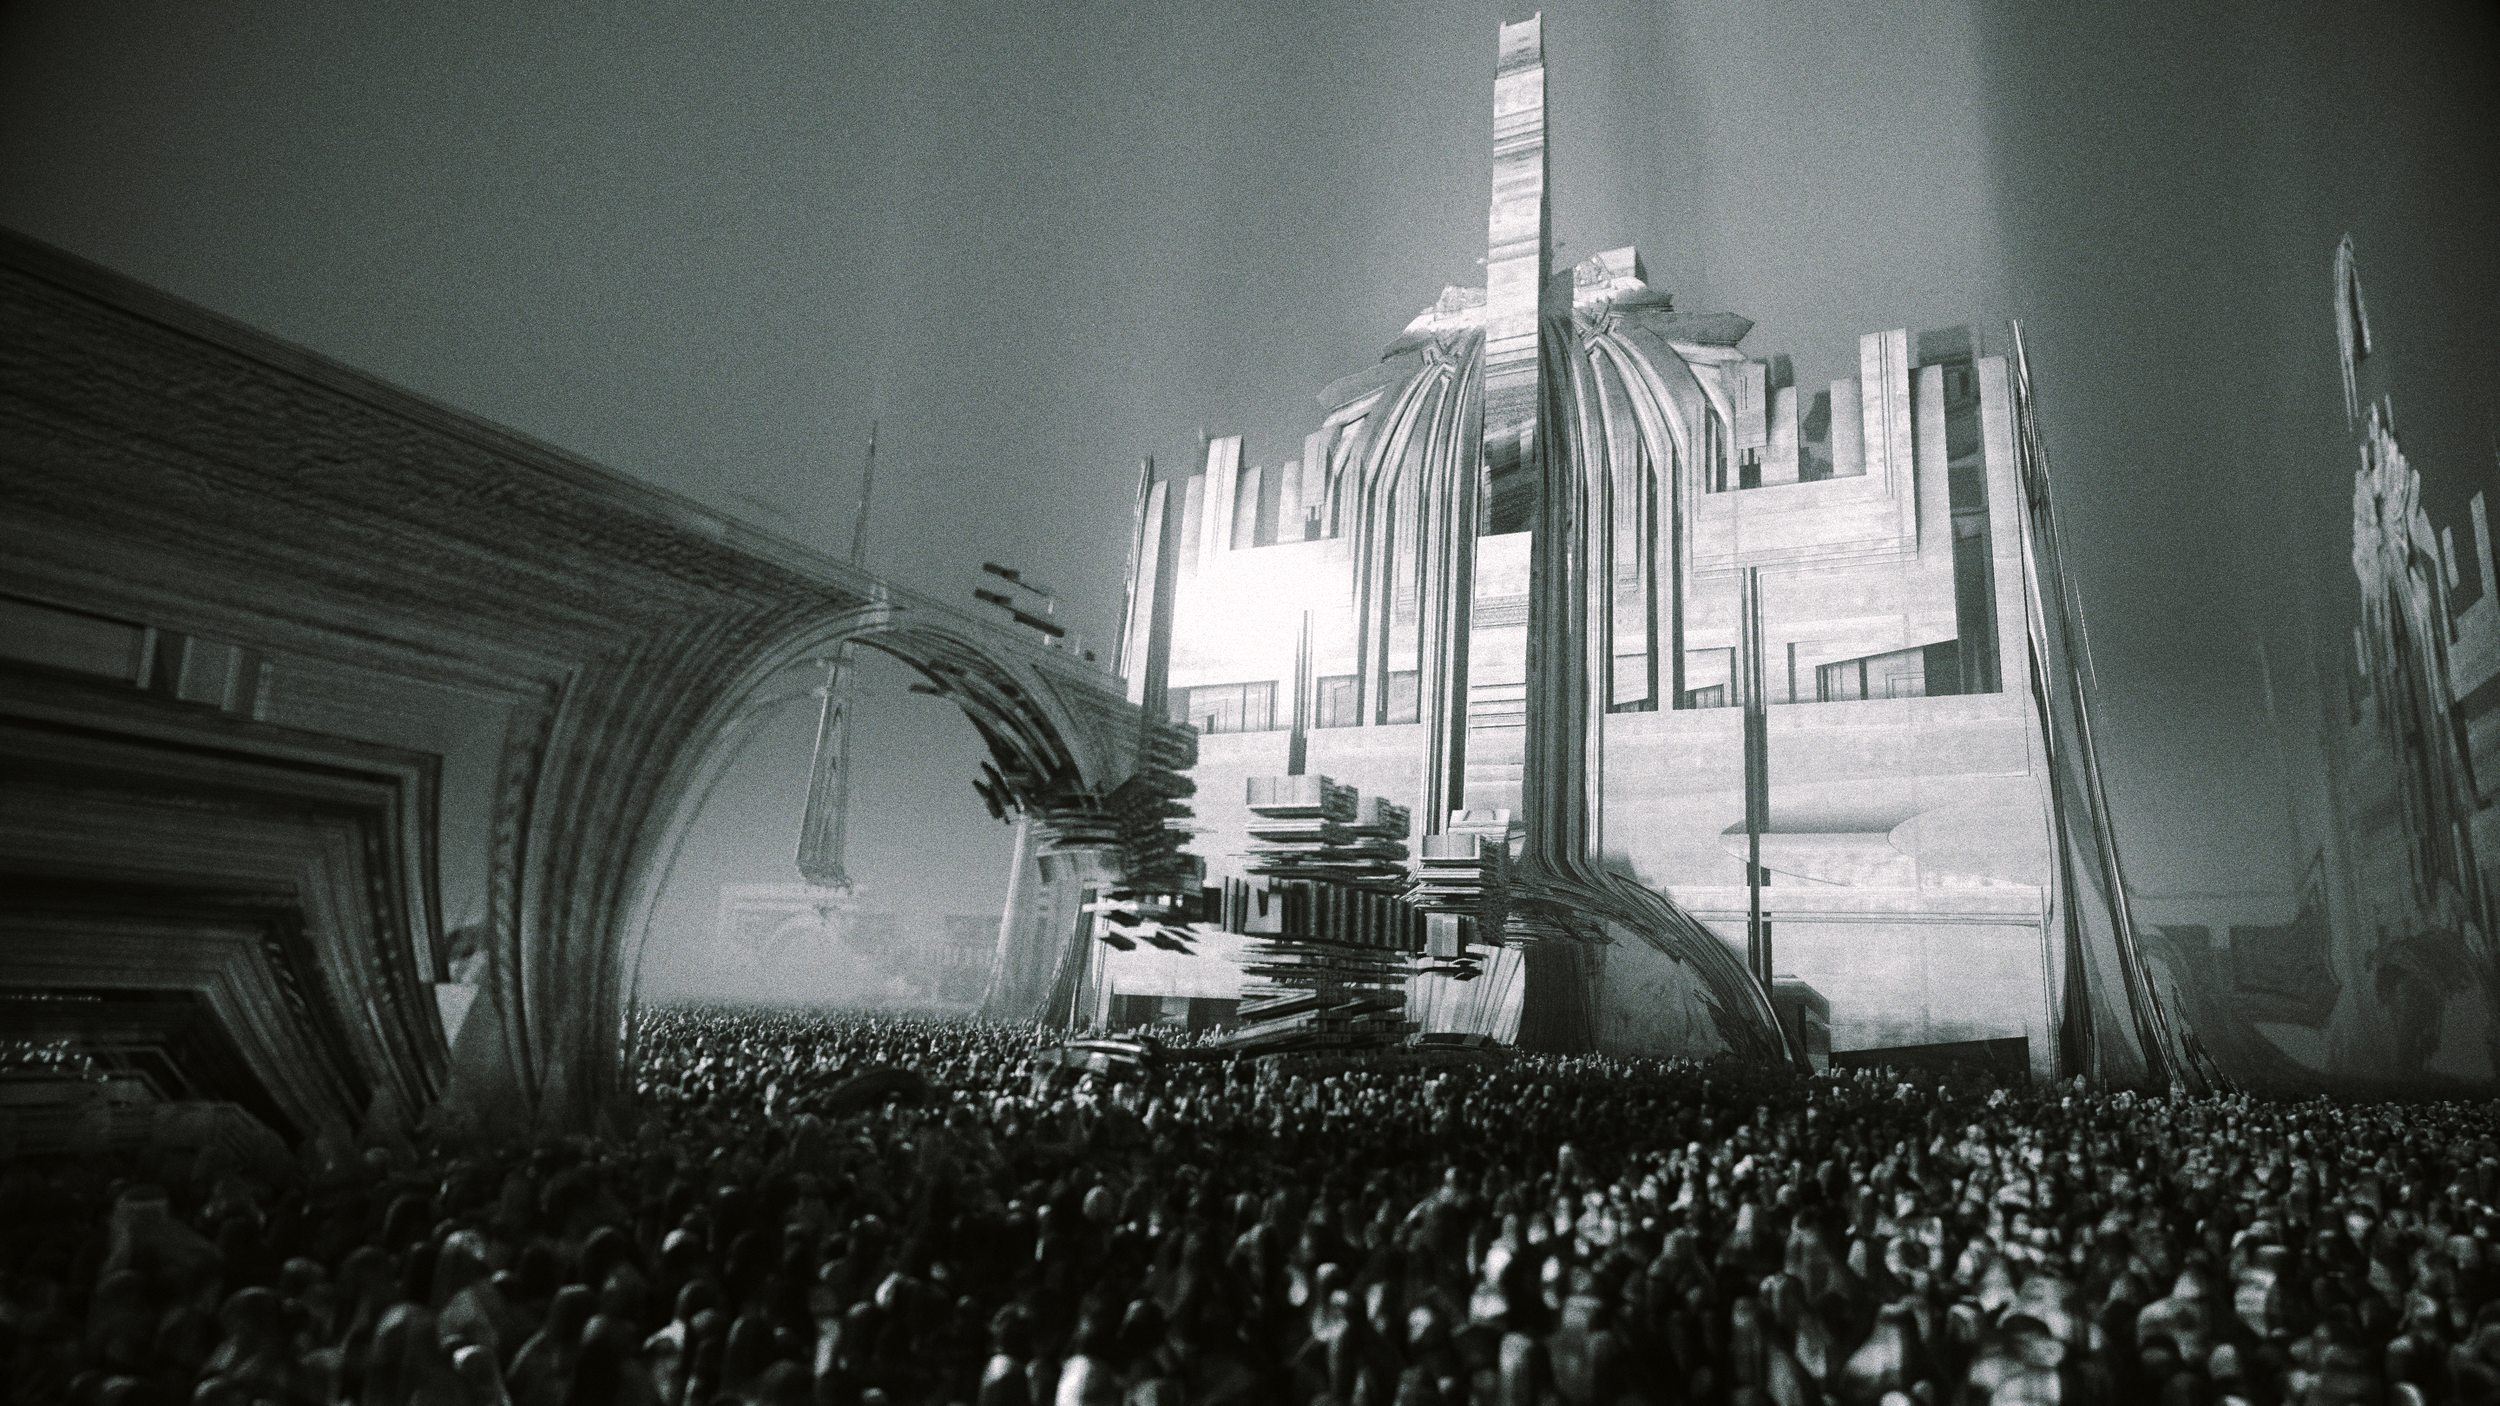 Soviet Building (2880 x 1620)